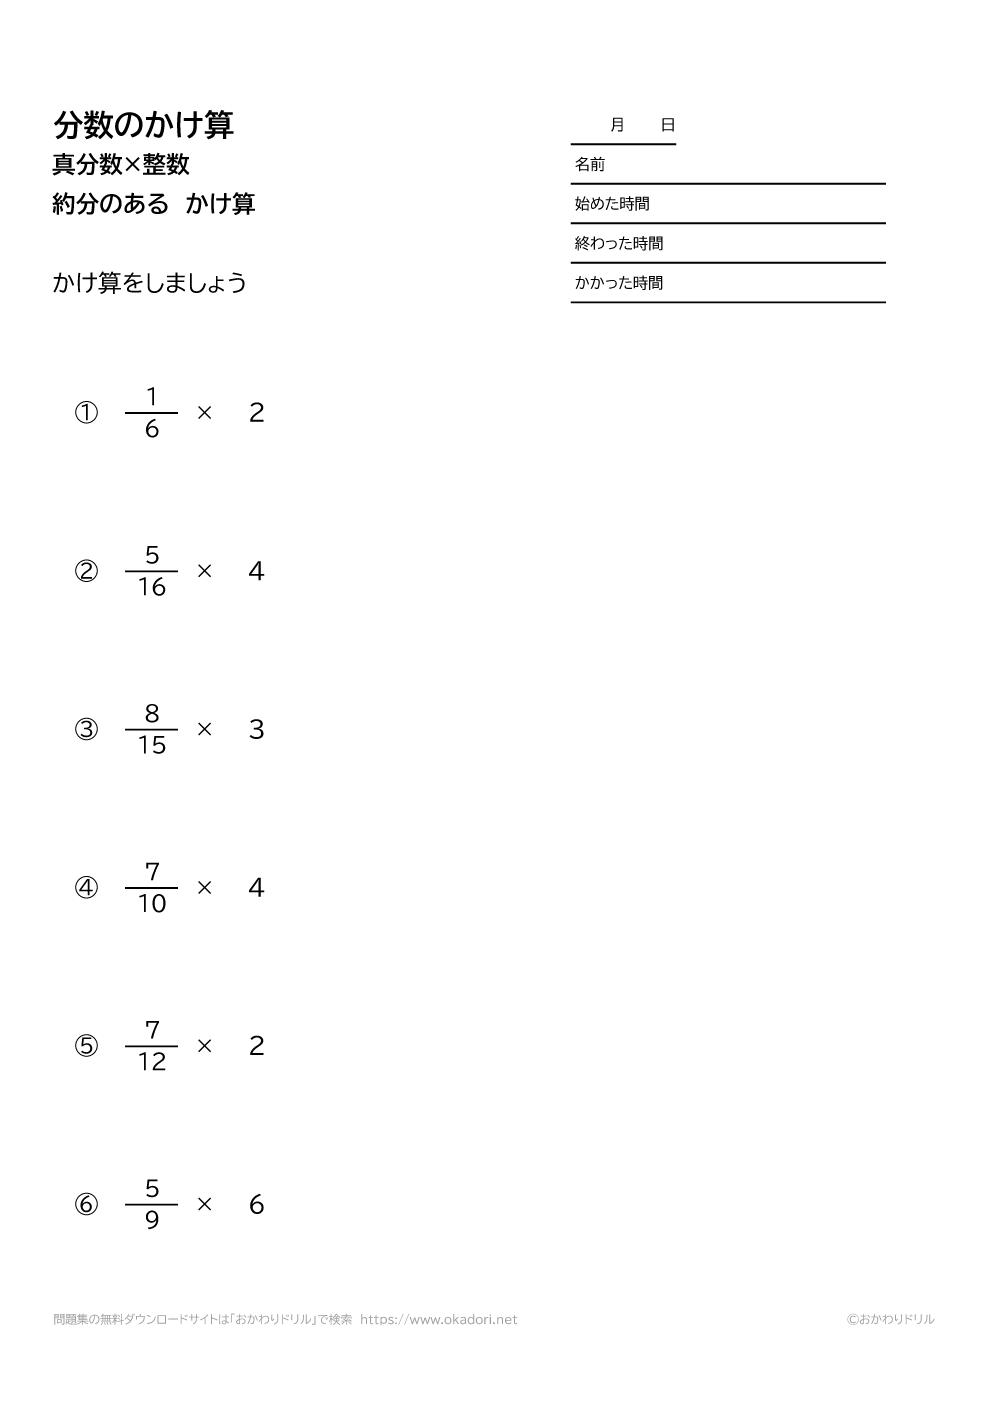 真分数×整数の約分のある掛け算5